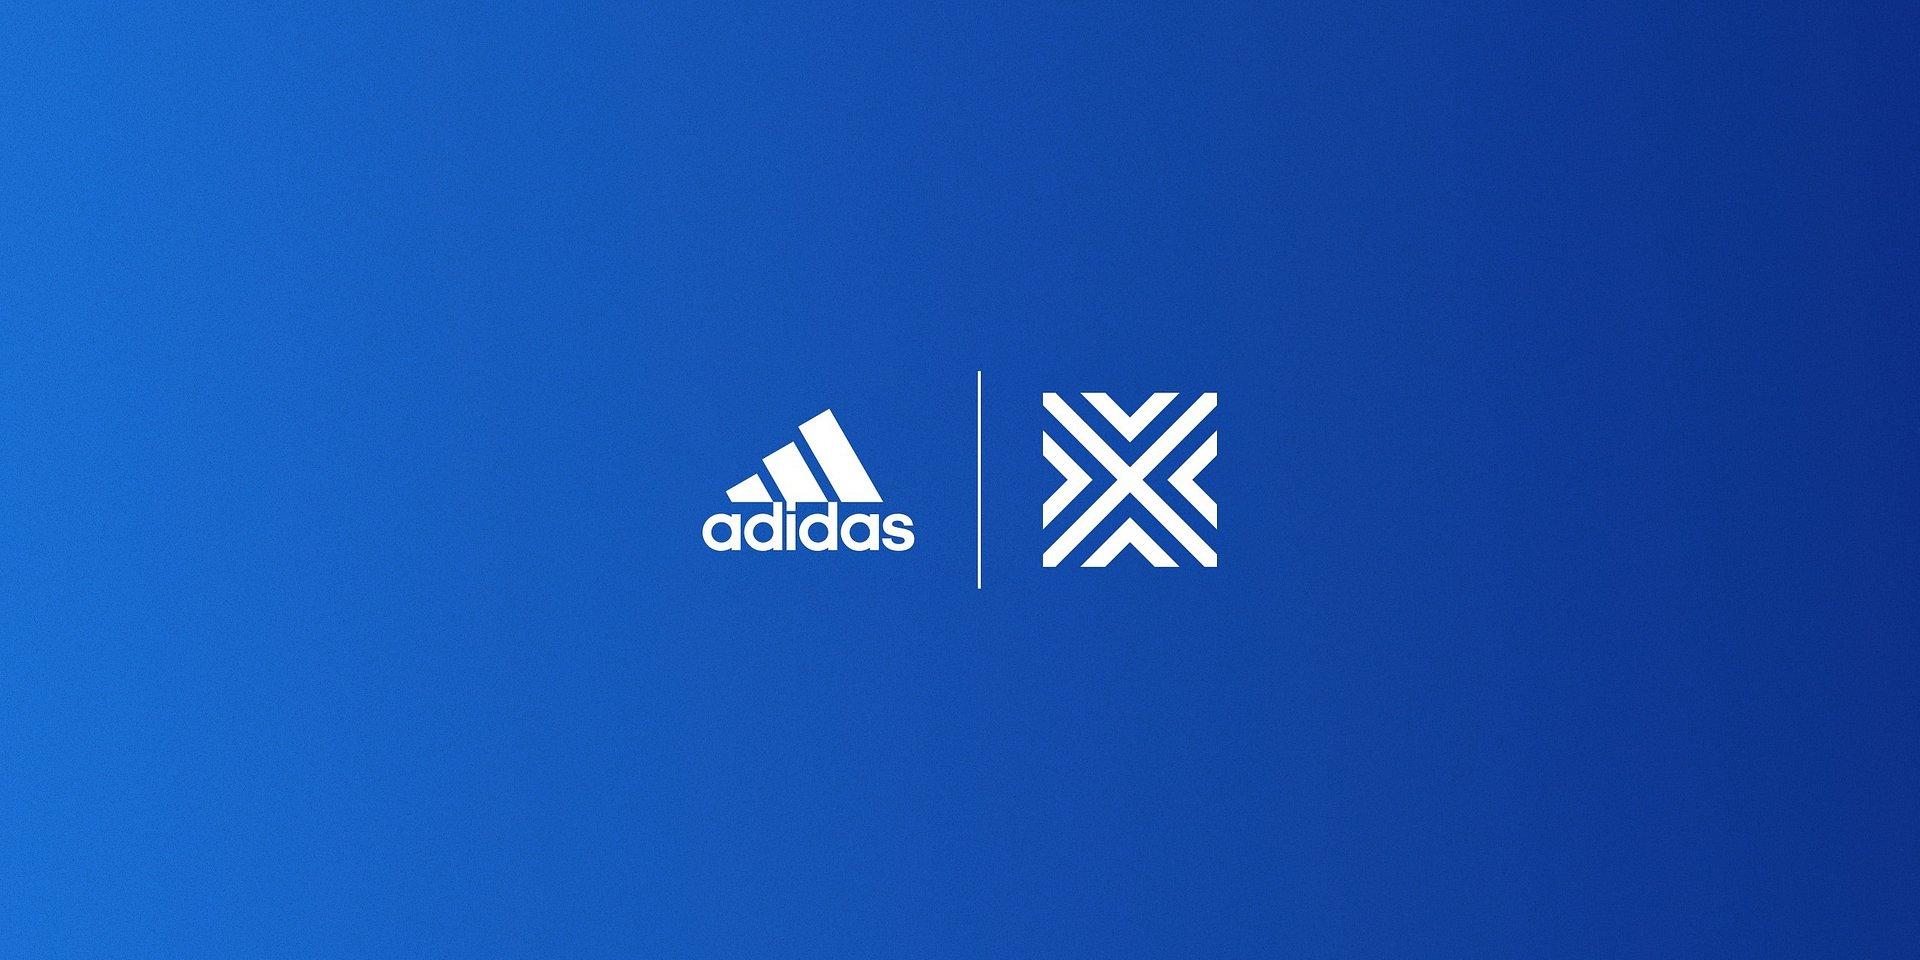 adidas wybrał VMLY&R Poland do regionalnej obsługi reklamowej